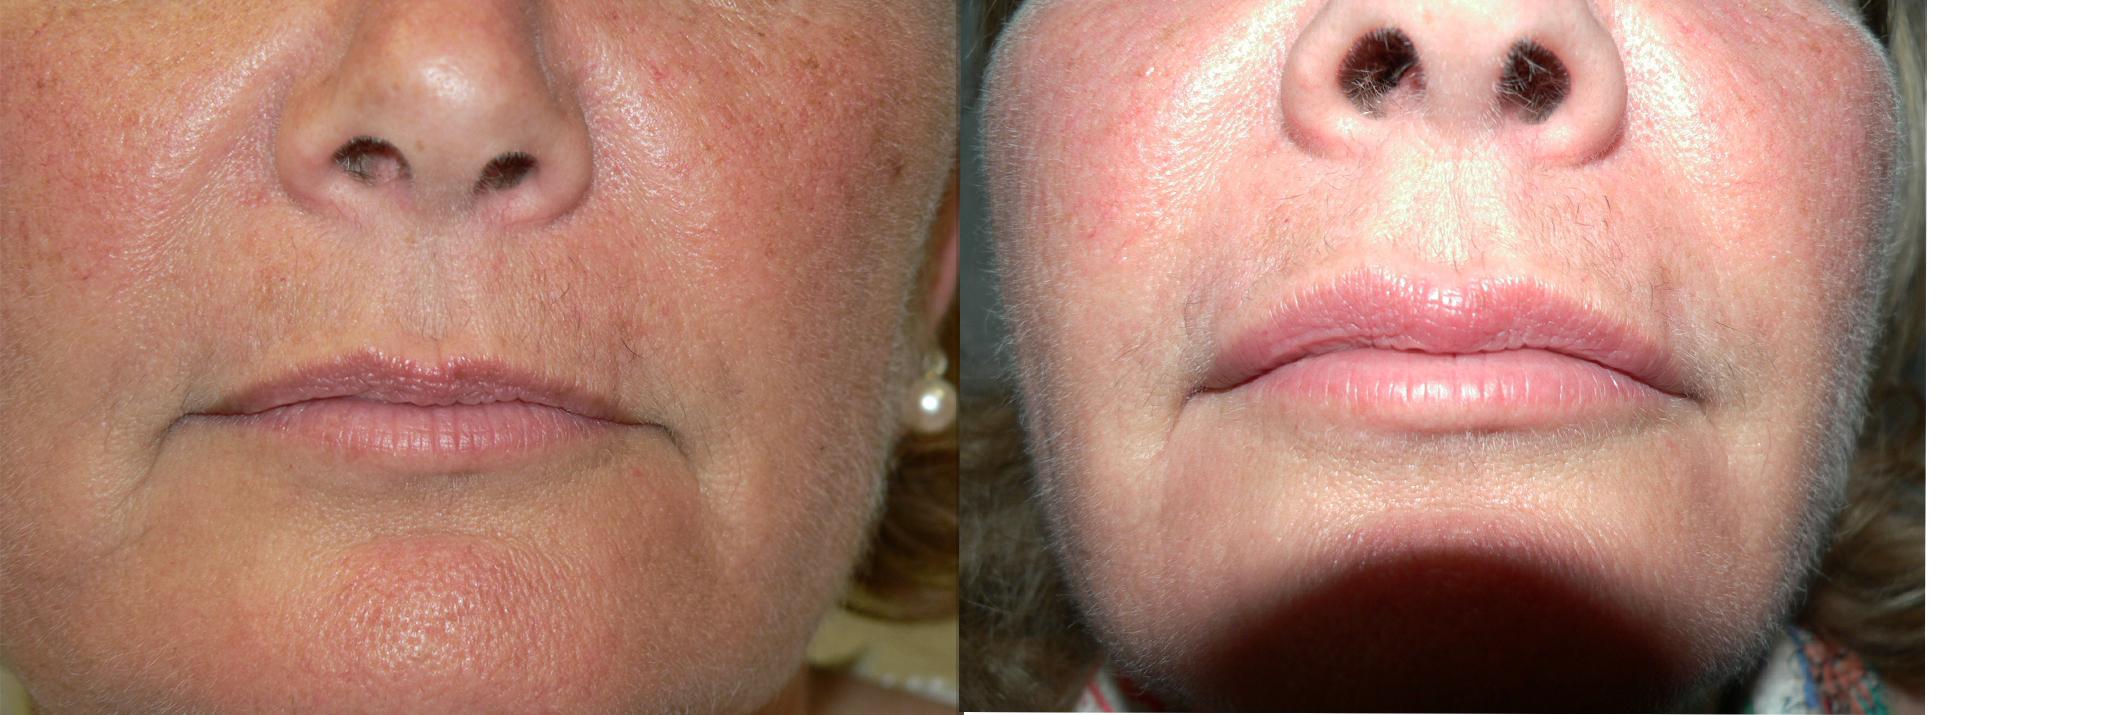 augmentation lèvres avant après